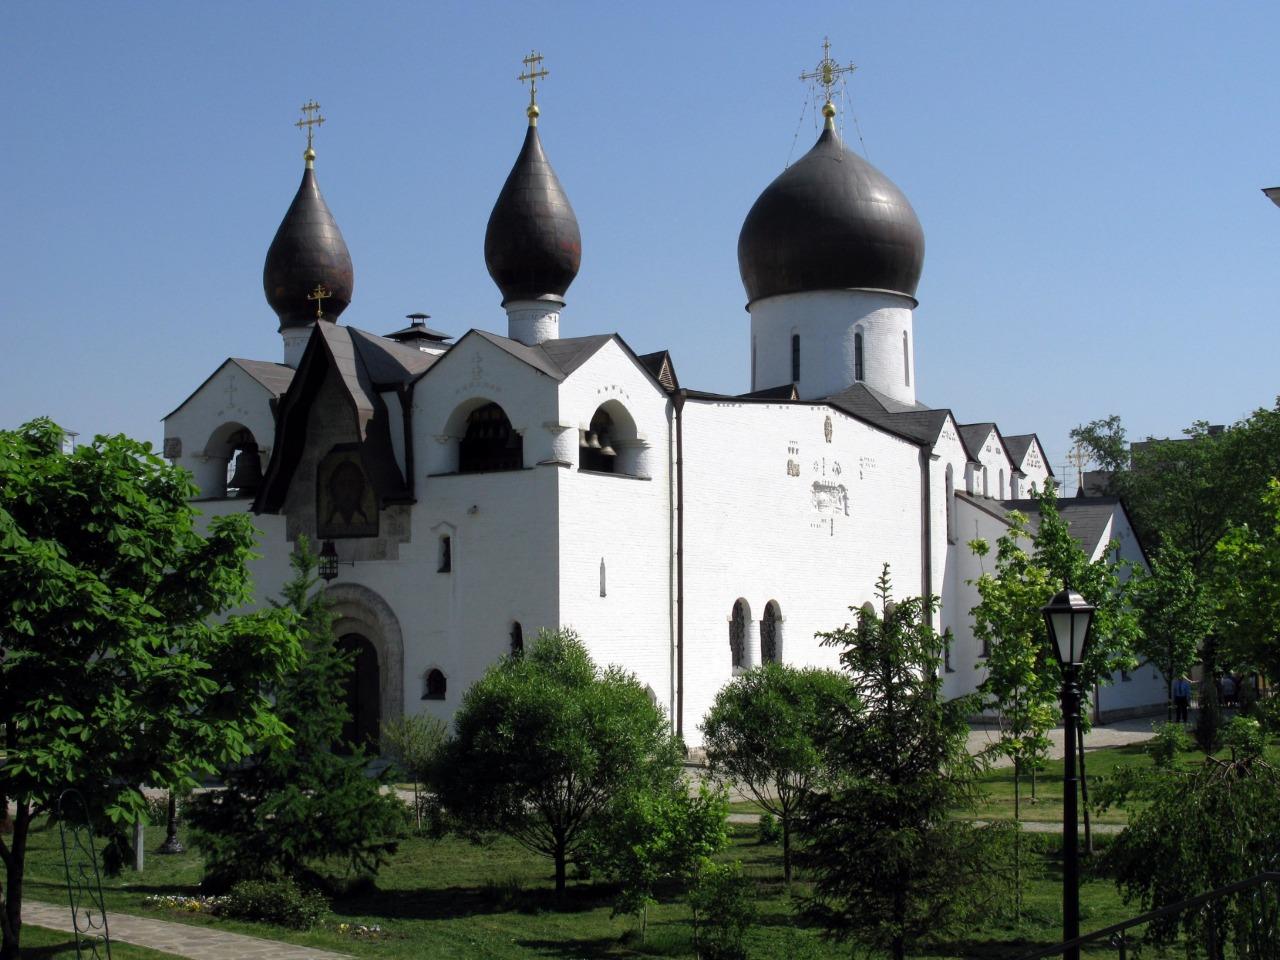 От барокко до модерна - индивидуальная экскурсия в Москве от опытного гида